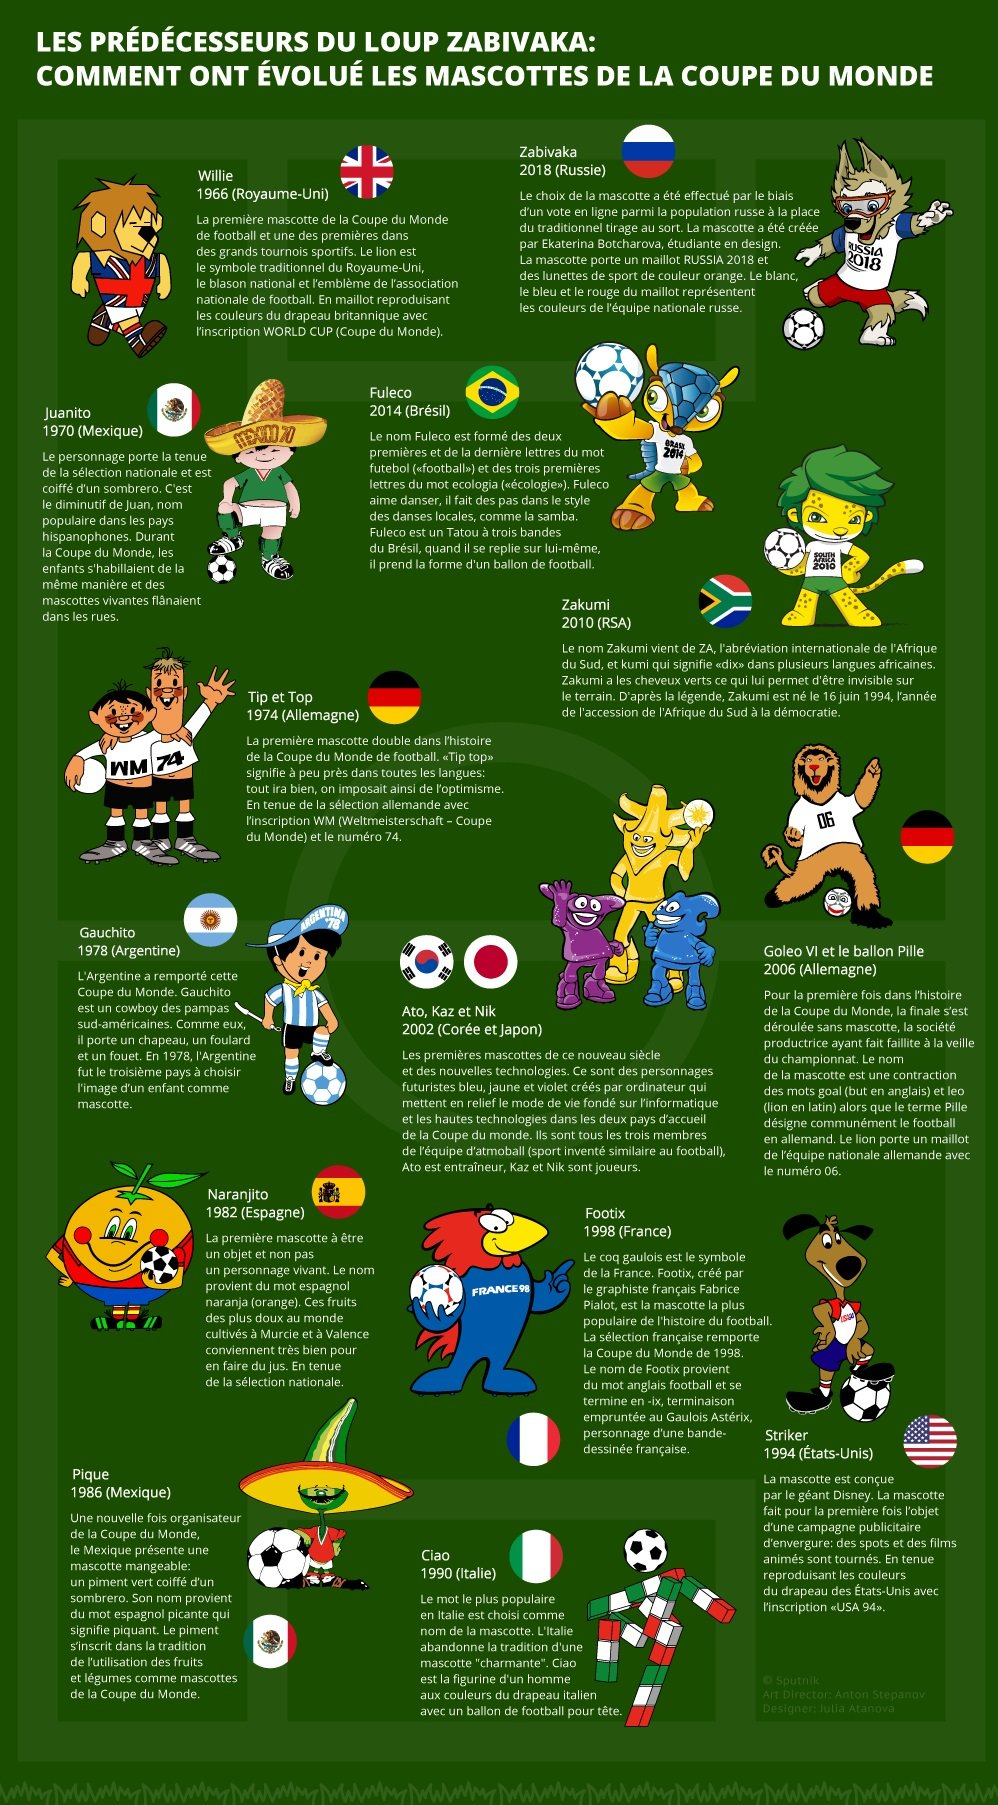 Les pr d cesseurs du loup zabivaka comment ont volu les - La mascotte de la coupe du monde 2014 ...